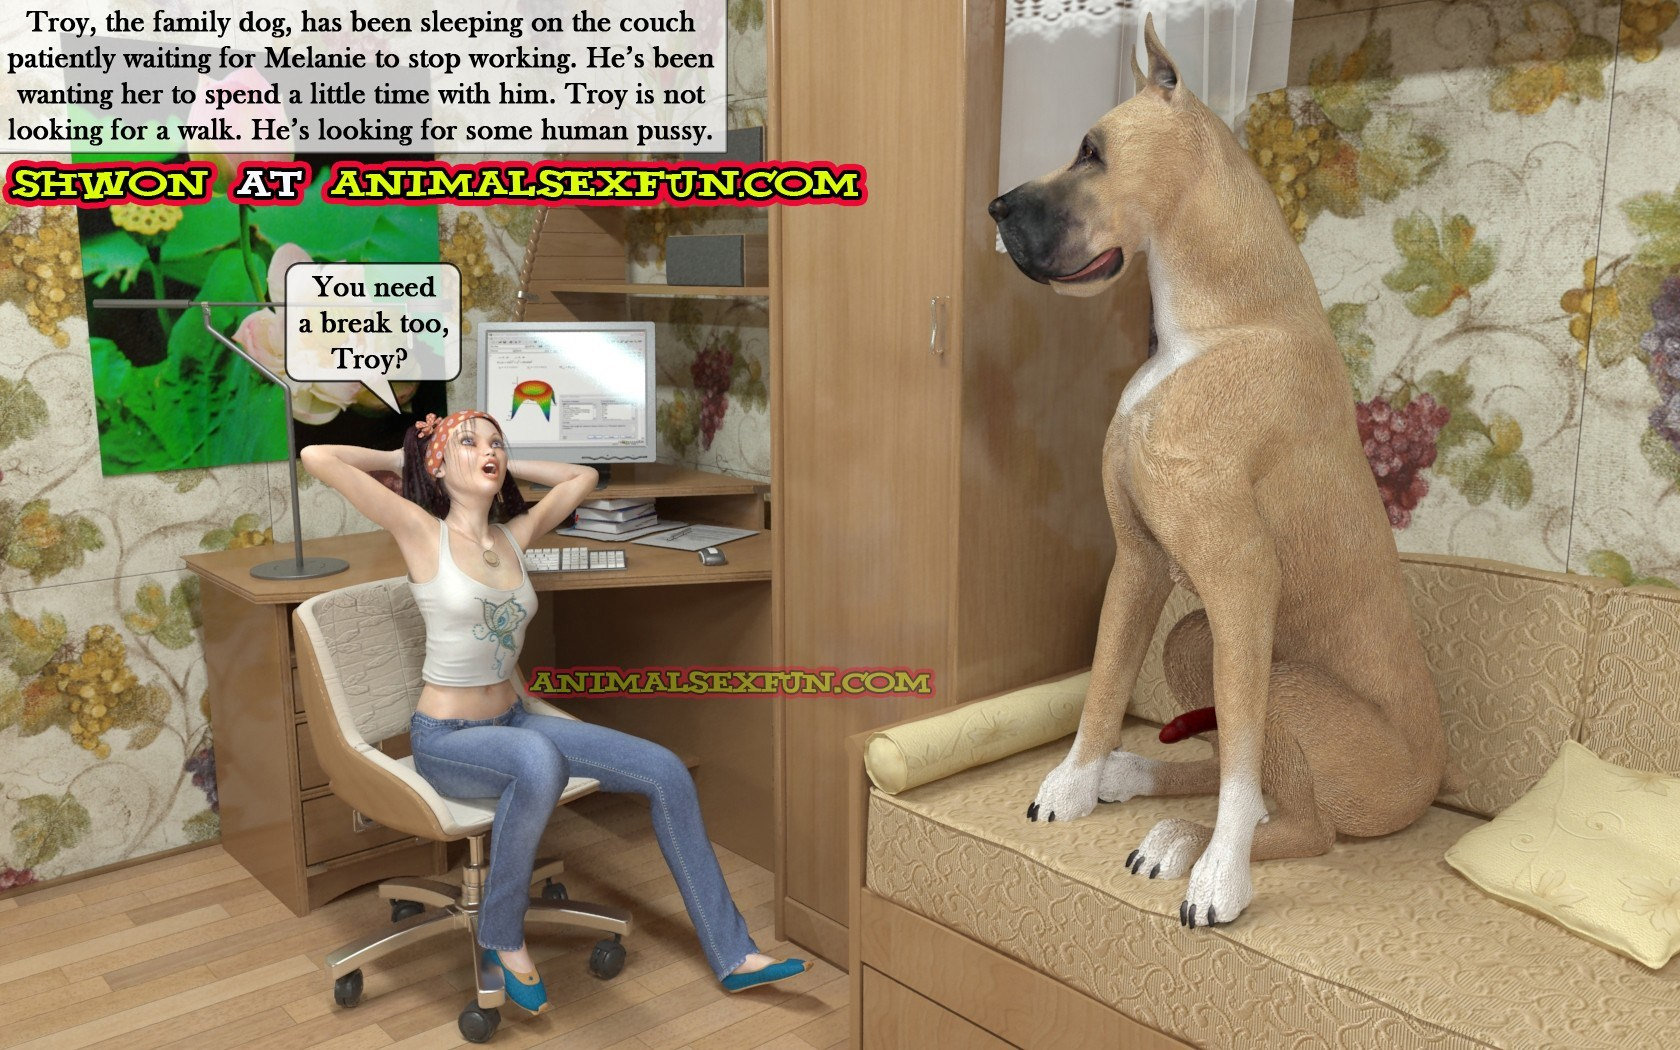 3D Zoo Porn shwan at- animal sex fun 8muses 3d porn comics - 8 muses sex